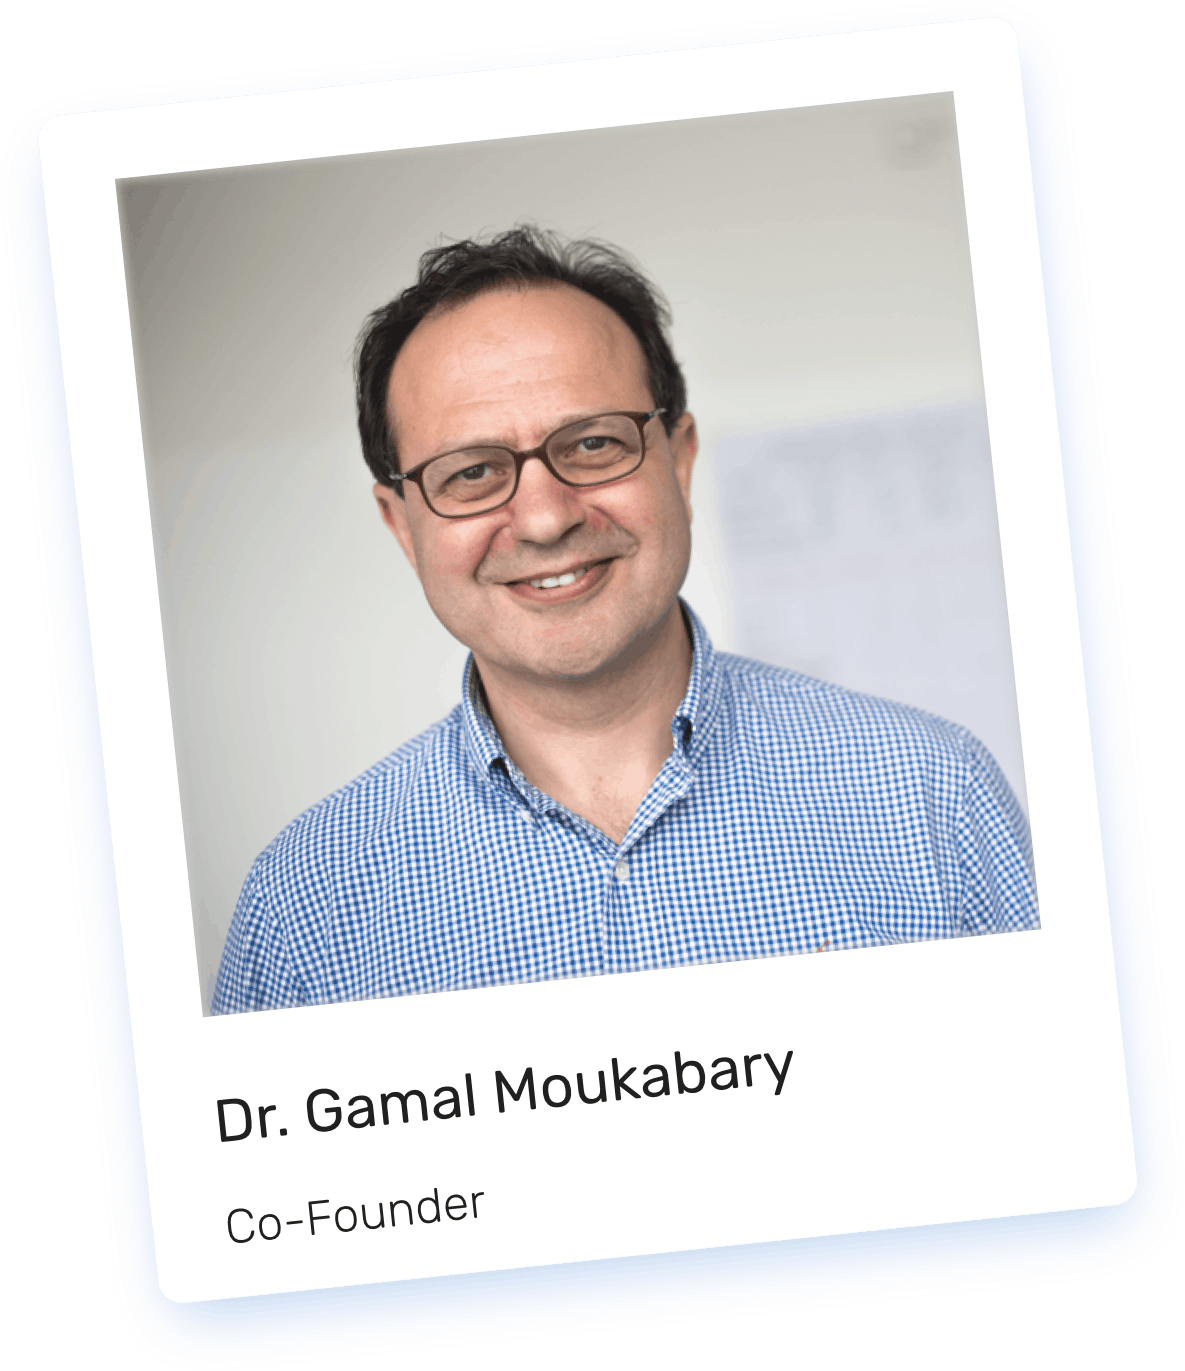 Dr. Gamal Moukabary